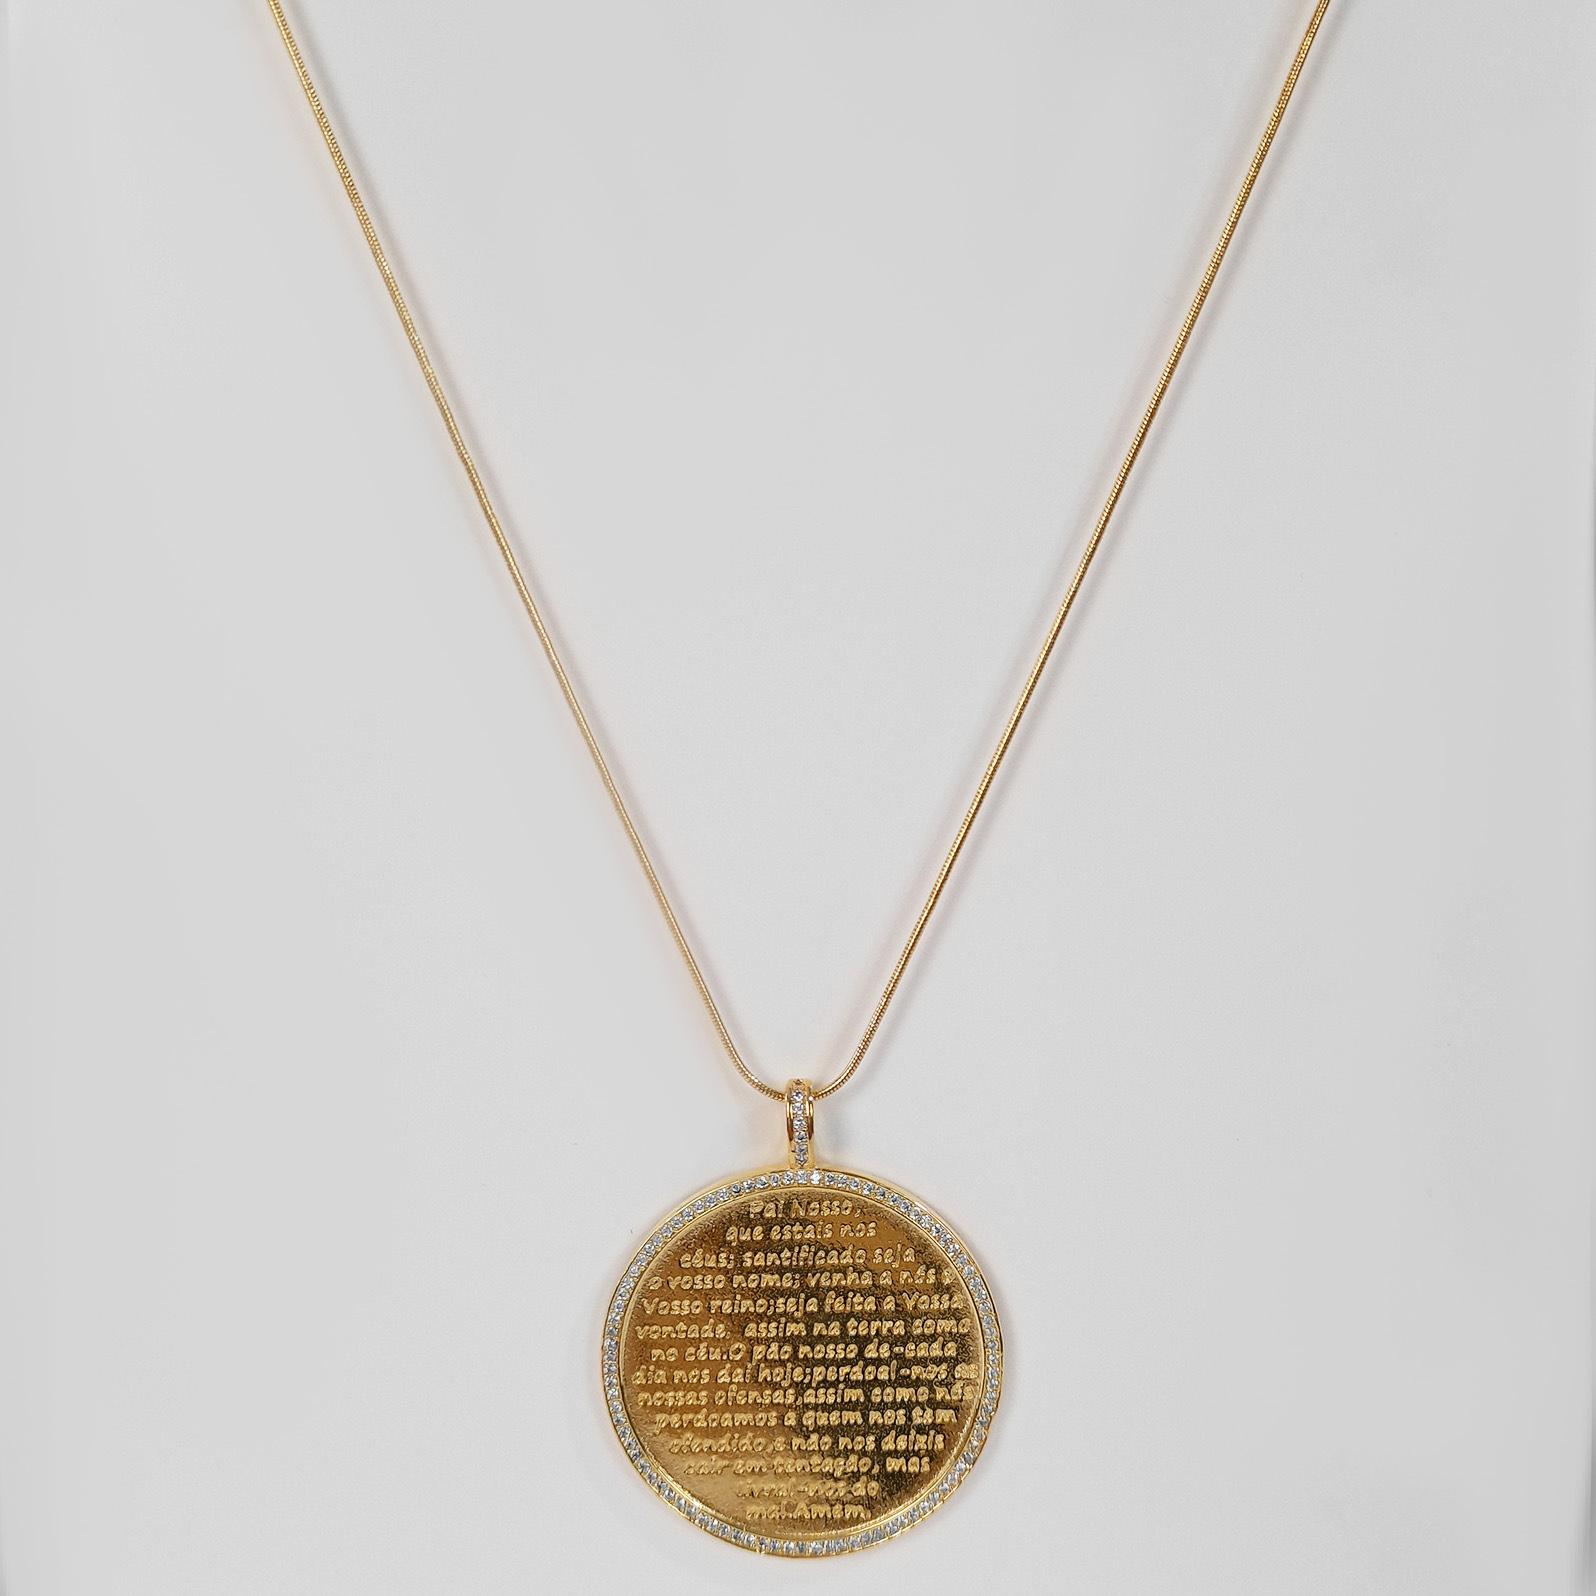 Colar Comprido Medalhão Pai Nosso Folheado Ouro 18k  - Lunozê Joias